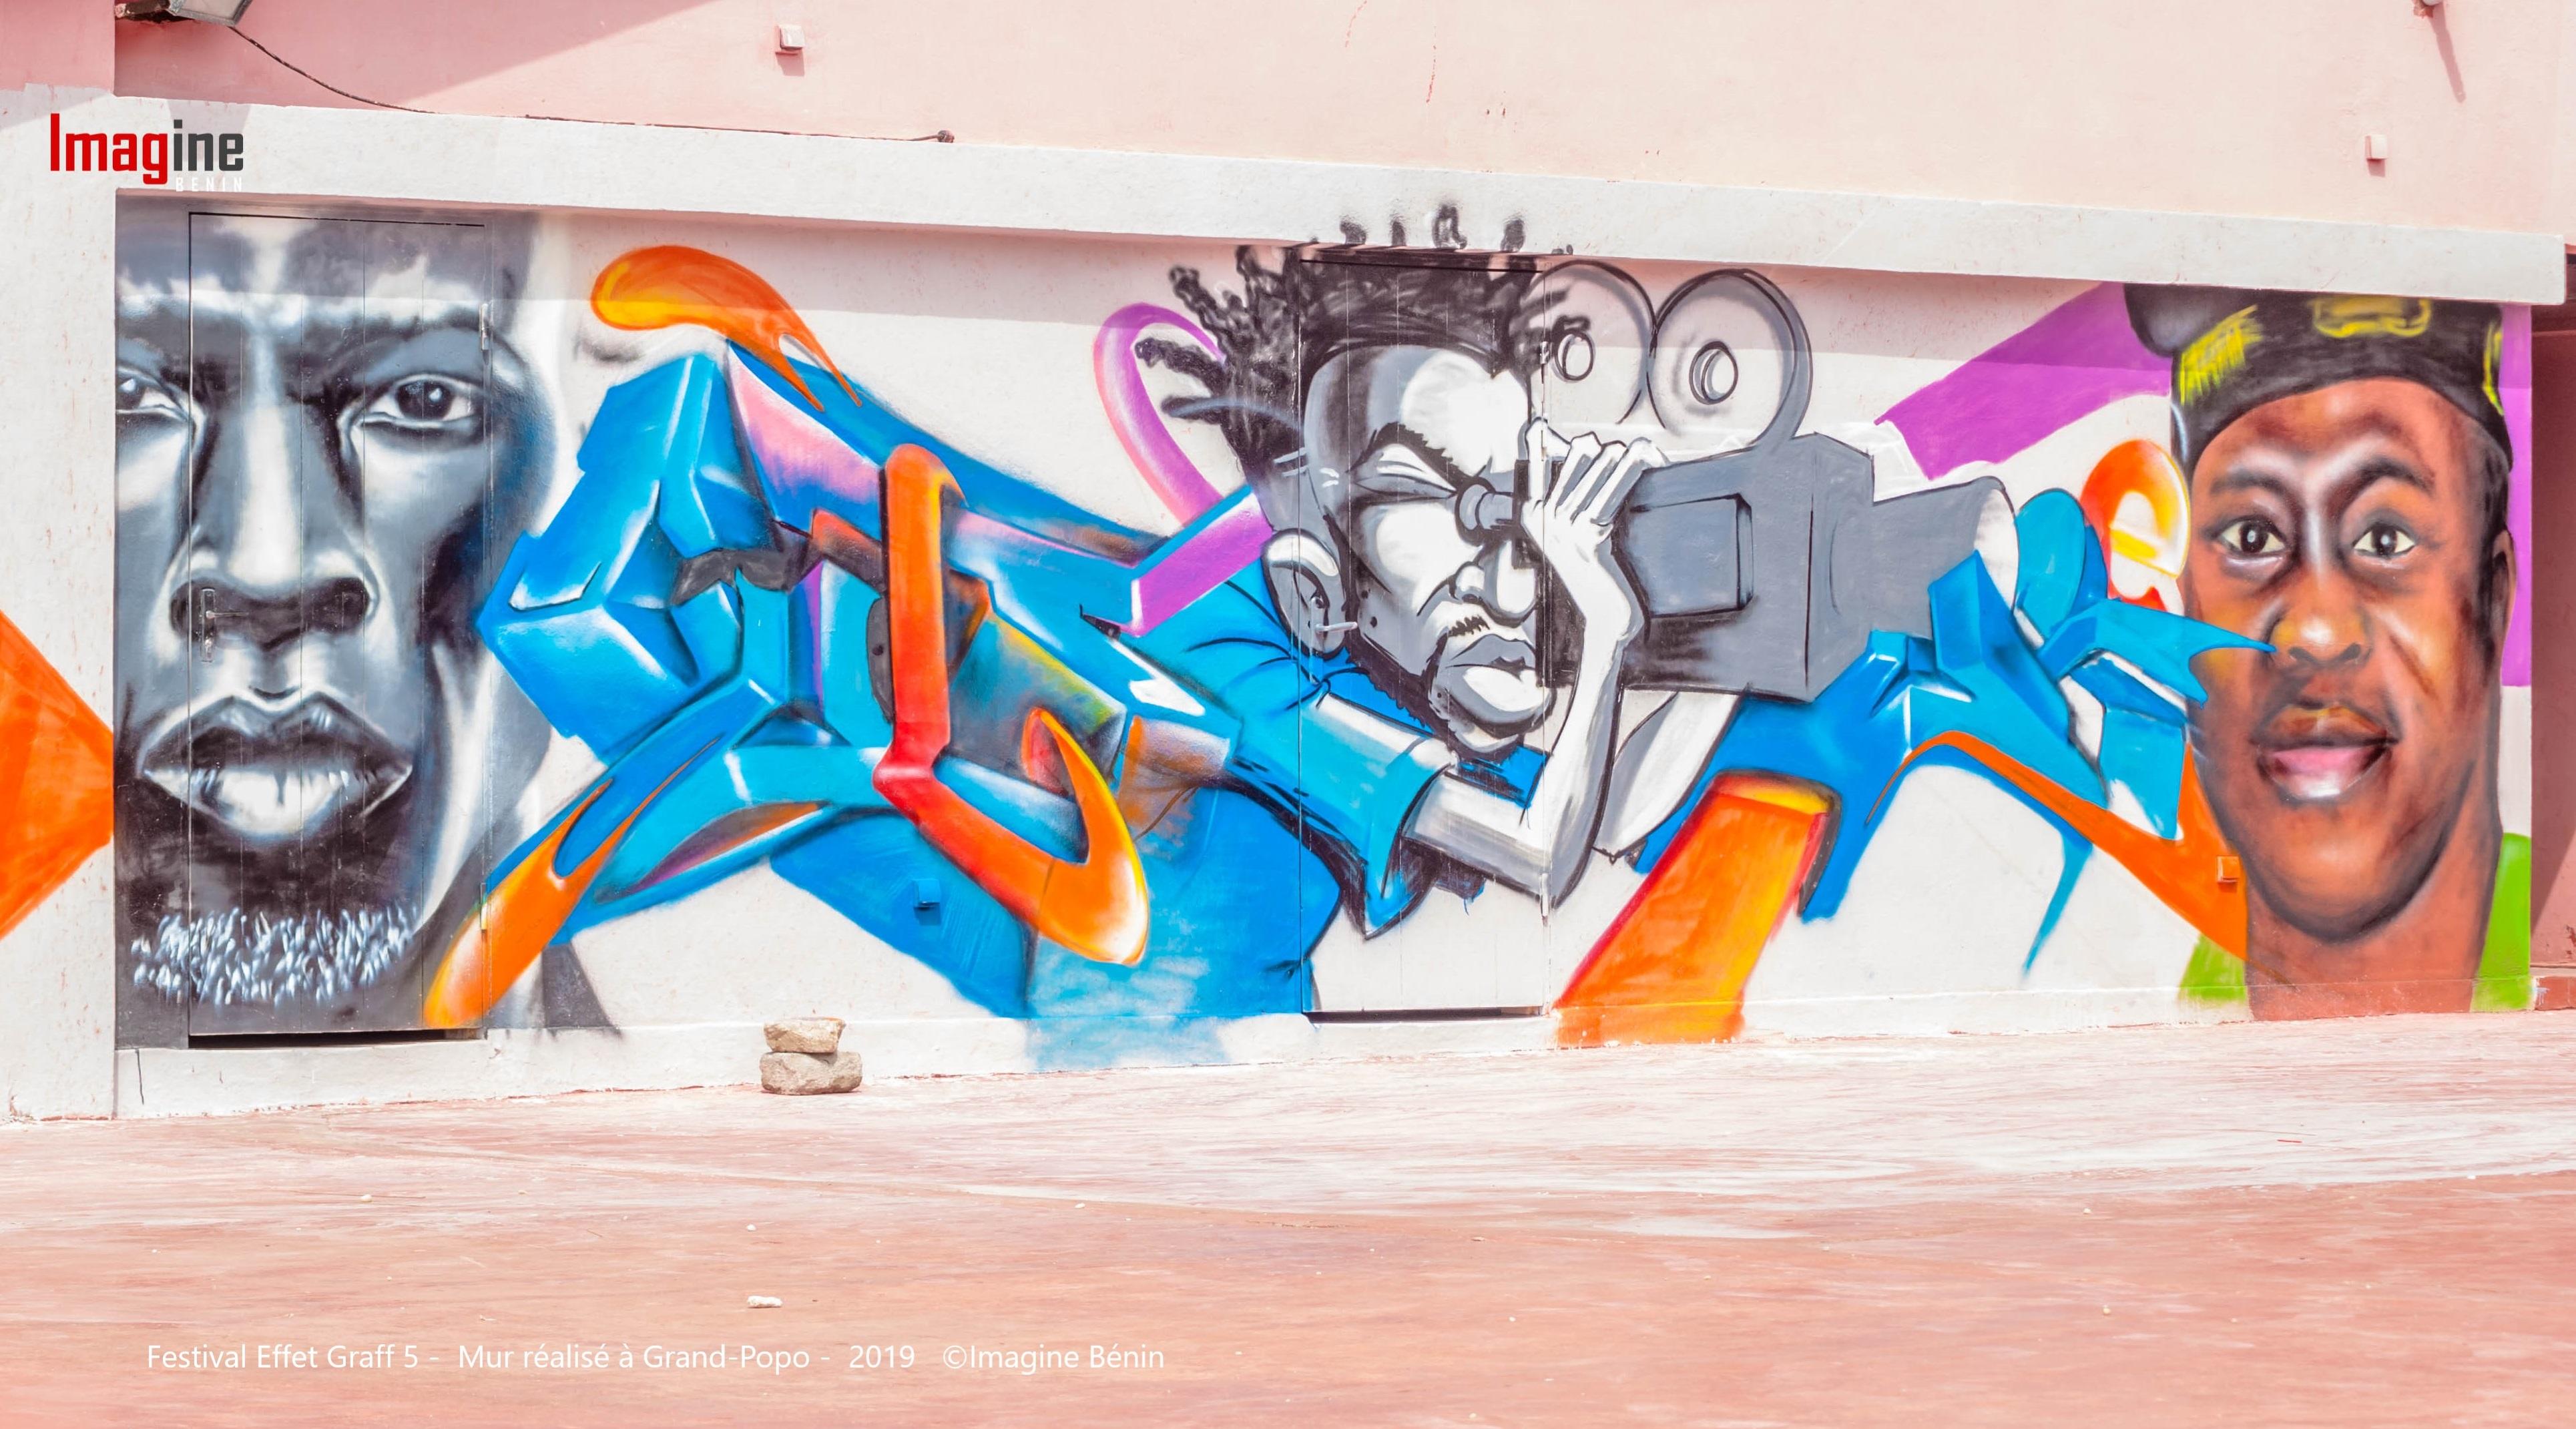 Festival Effet Graff 5 - Mur réalisé à Grand-Popo - 2019 ©Imagine Bénin